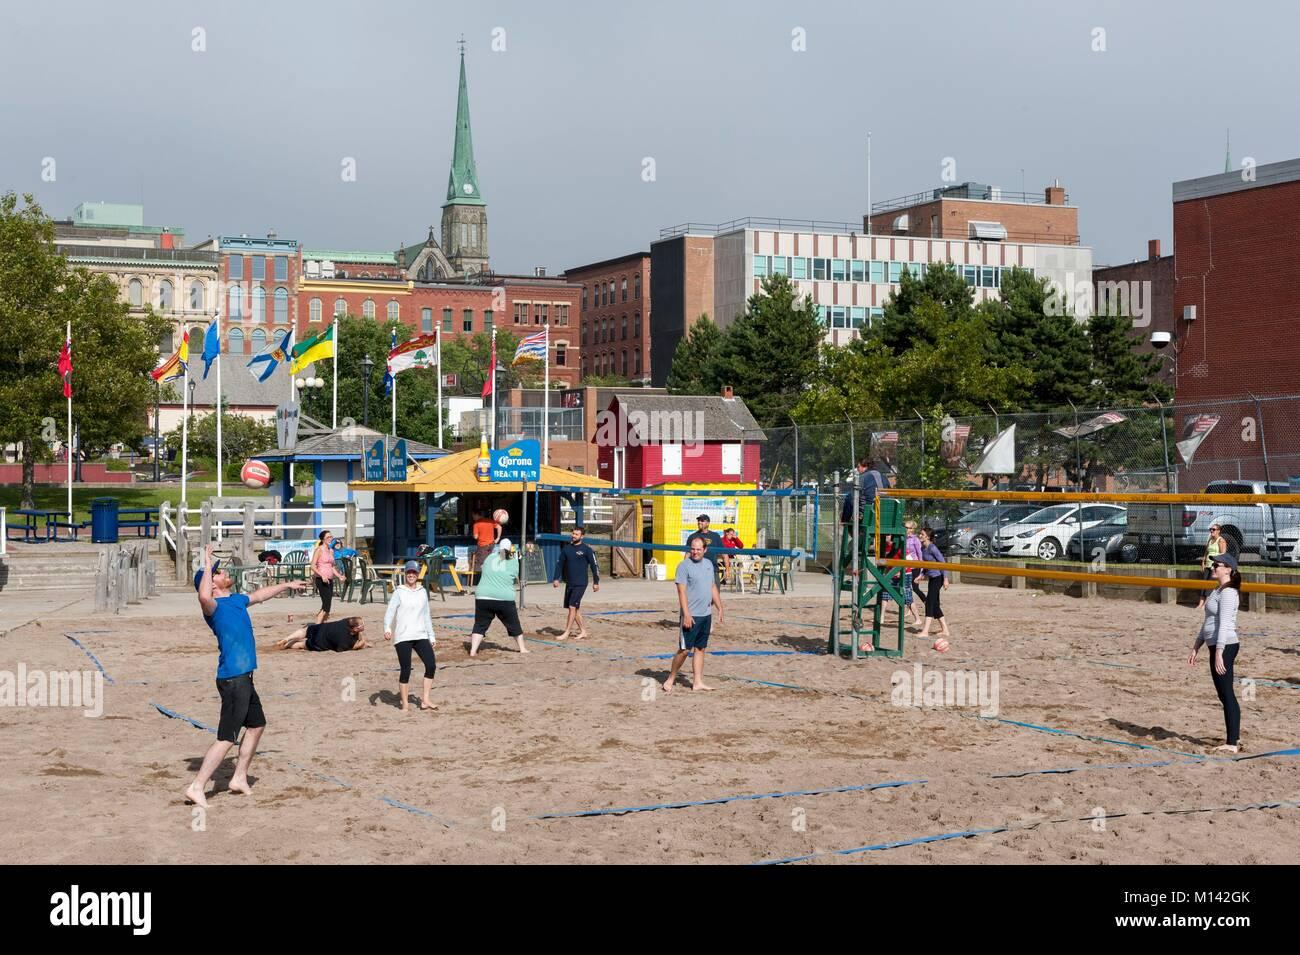 Kanada, New Brunswick, Saint John, Marktplatz, Beach-volleyball-Party Stockbild